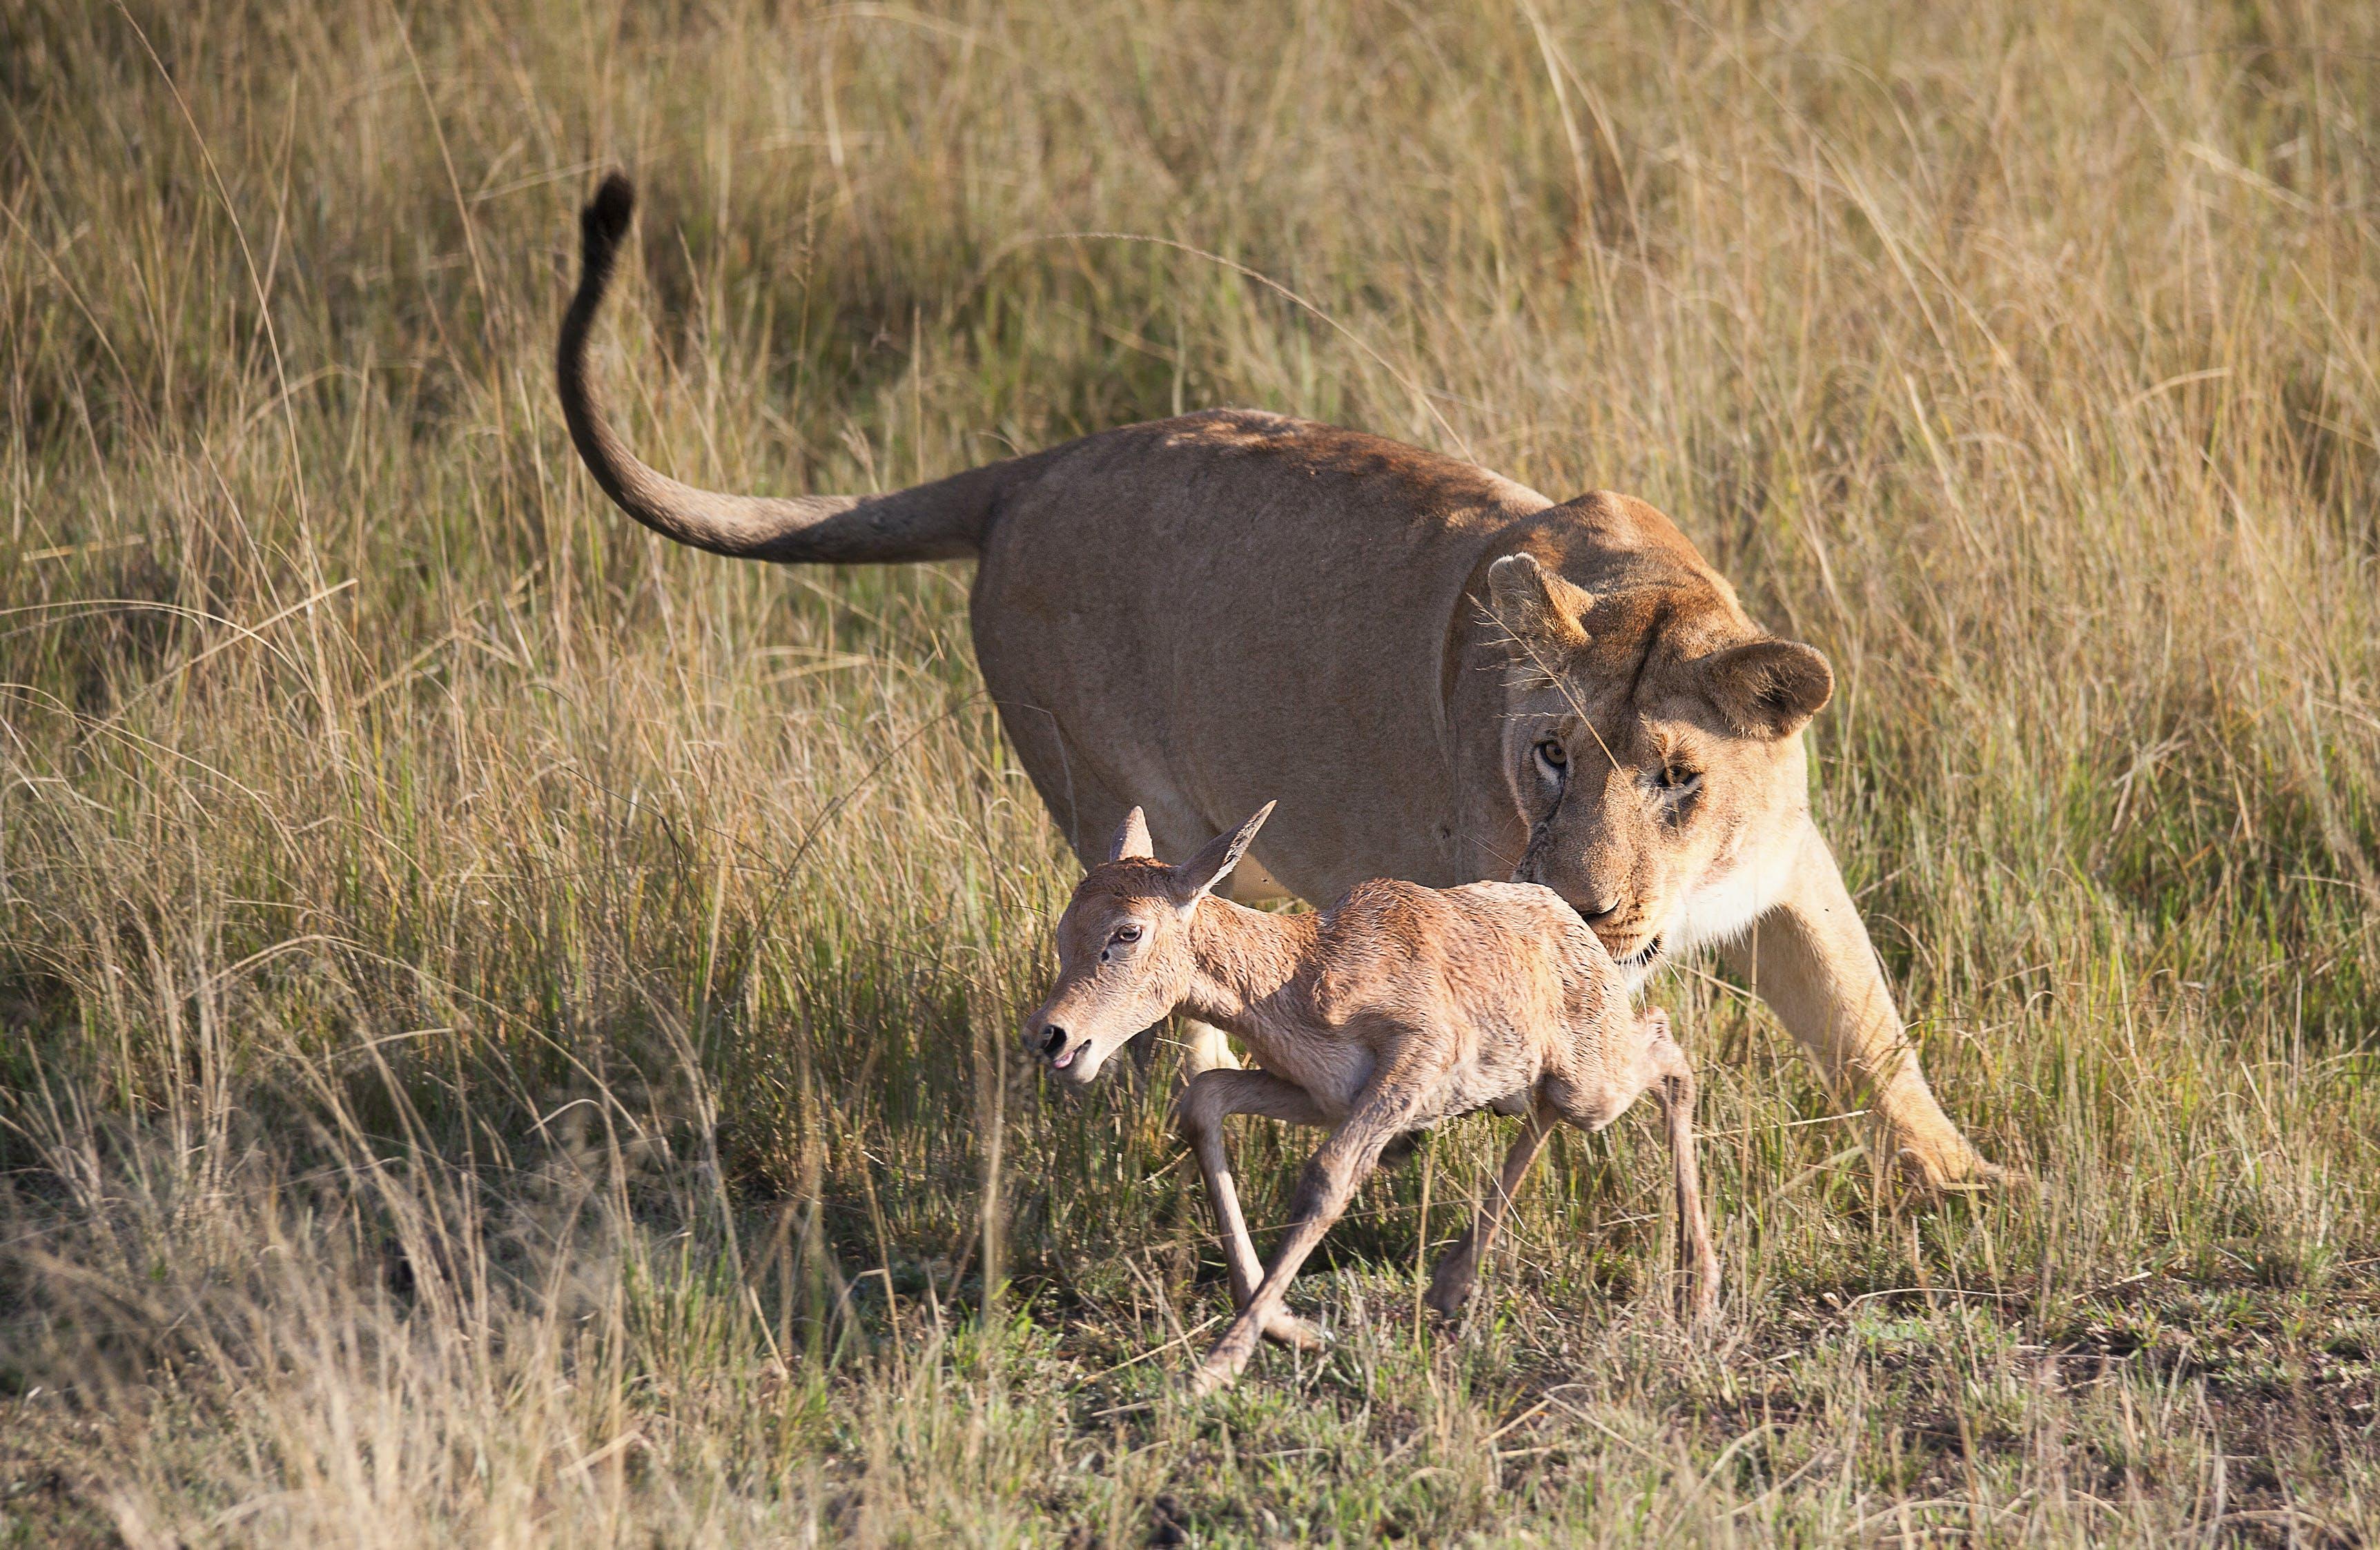 Δωρεάν στοκ φωτογραφιών με άγρια φύση, άγριο ζώο, άγριος, αιχμαλωτίζω